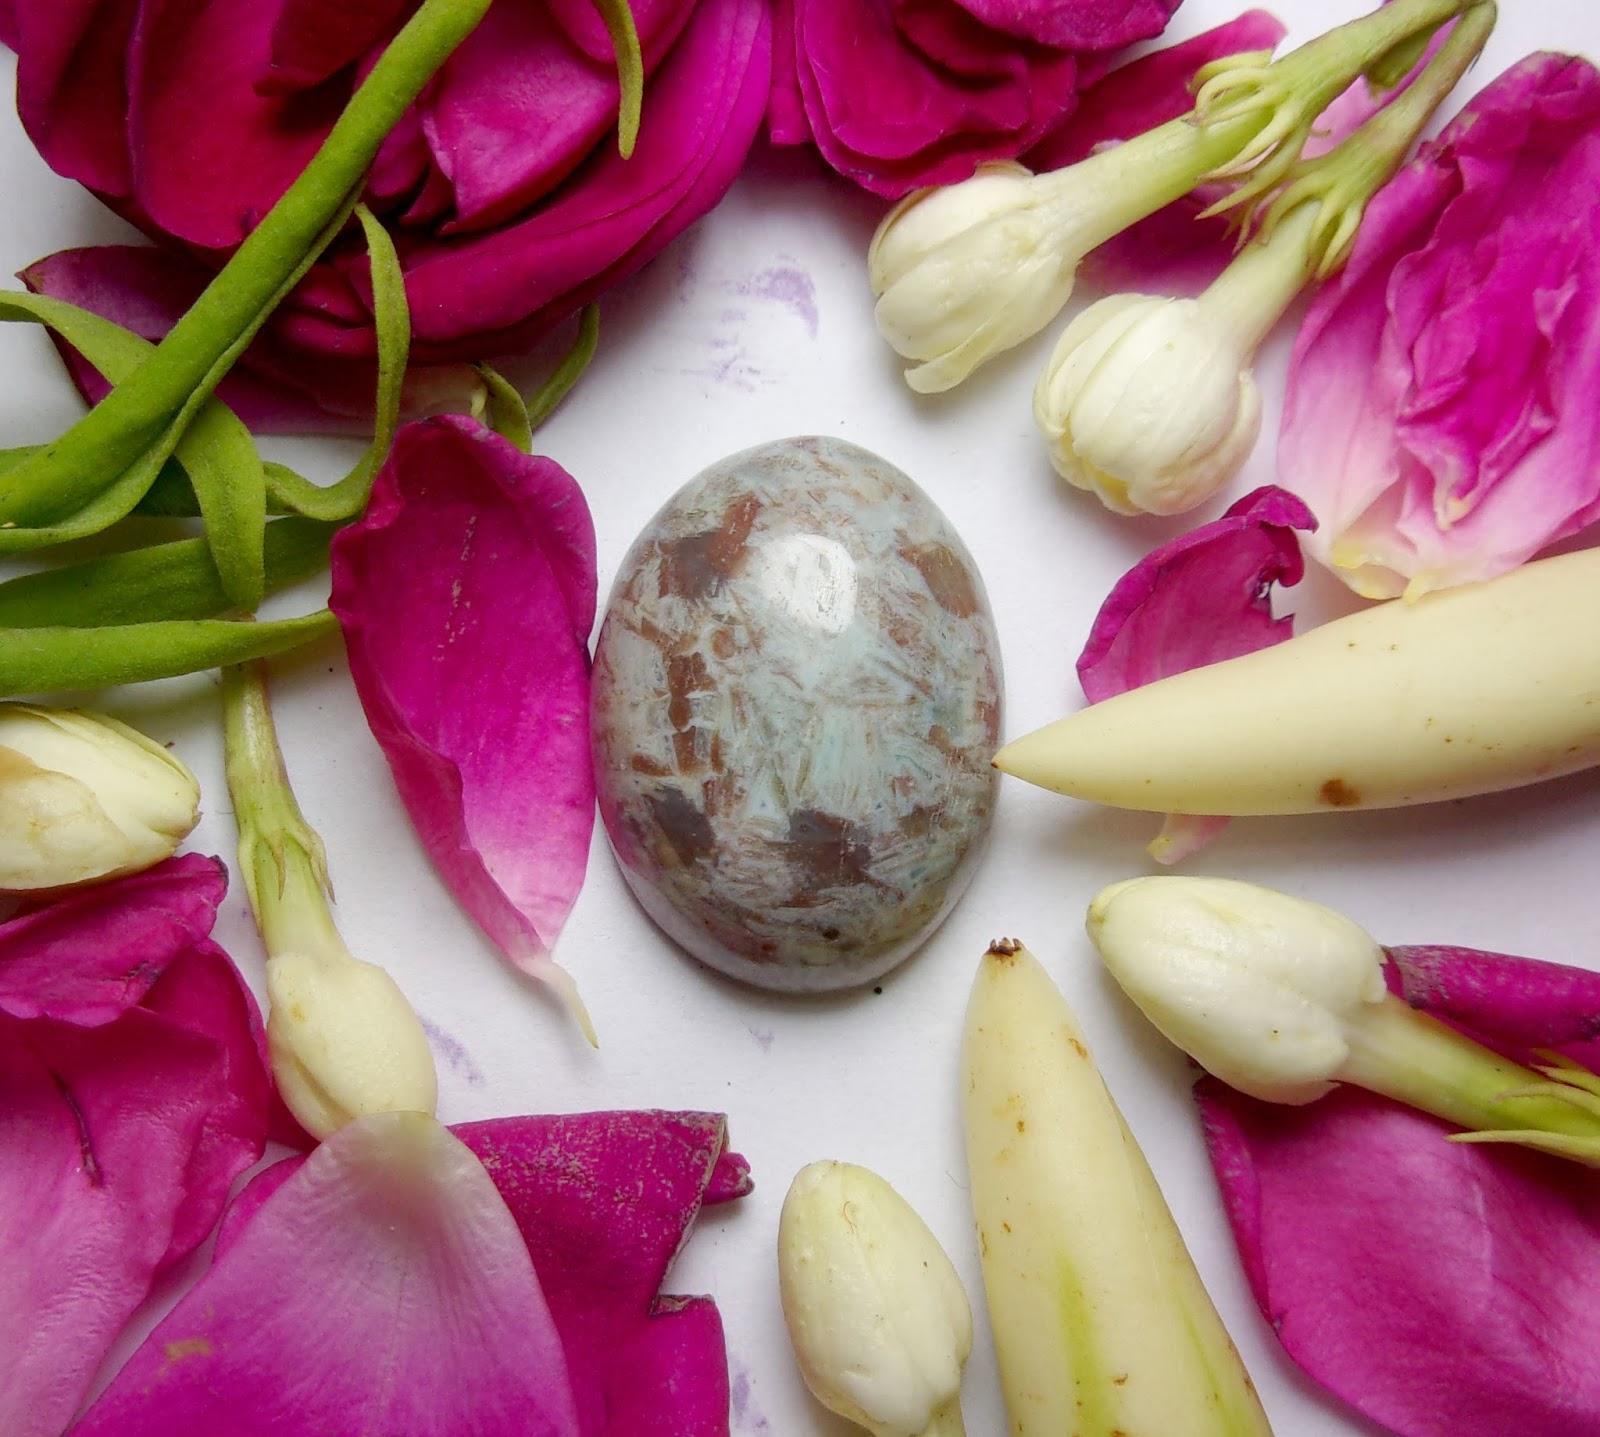 Batu Bertuah, Benda berkodam,Pusaka ampuh, Mustika Asli, Mustika Jawat Siluman